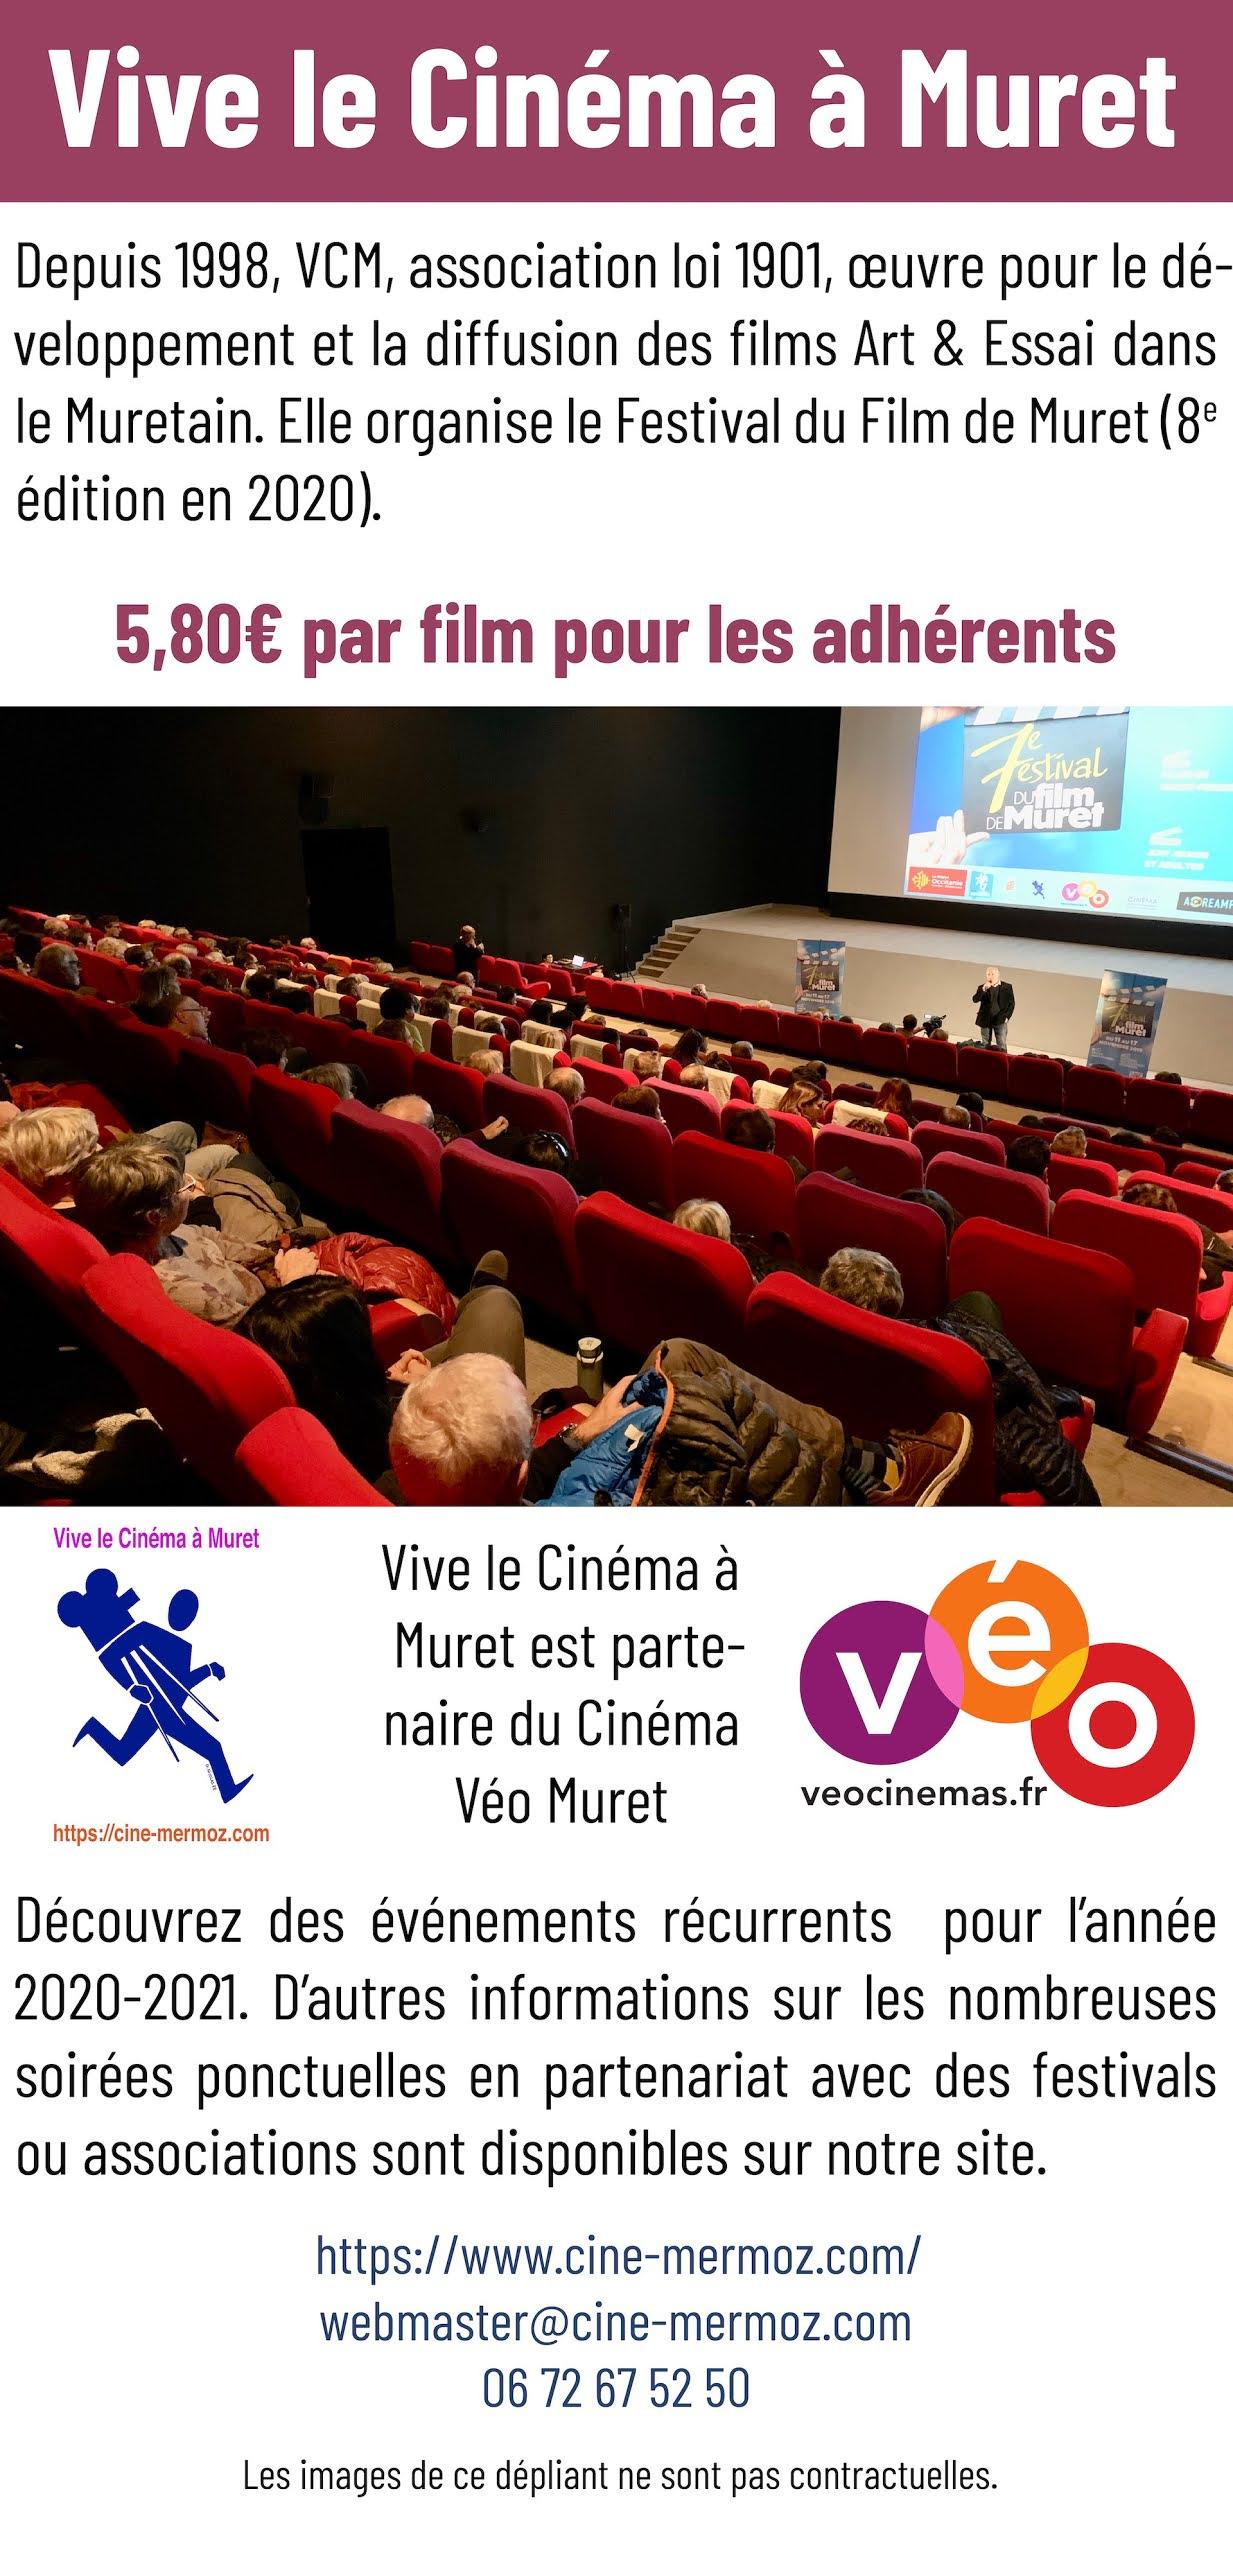 Vive le Cinéma à Muret